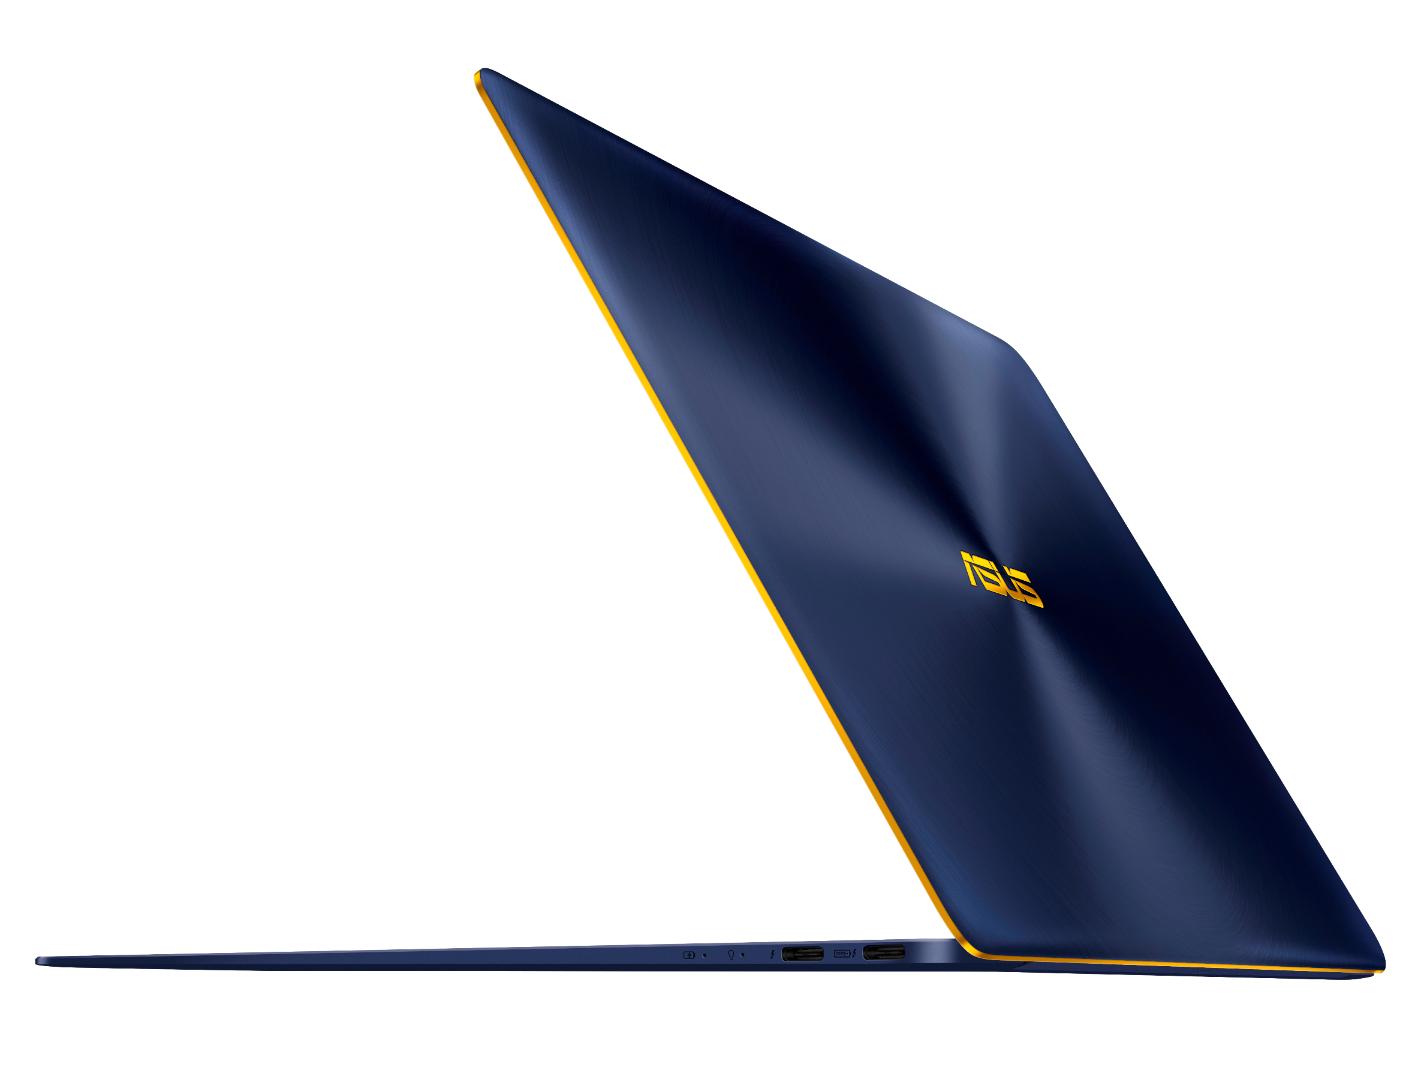 ASUS выпускает высококлассный ZenBook 3 Deluxe по сниженной цене